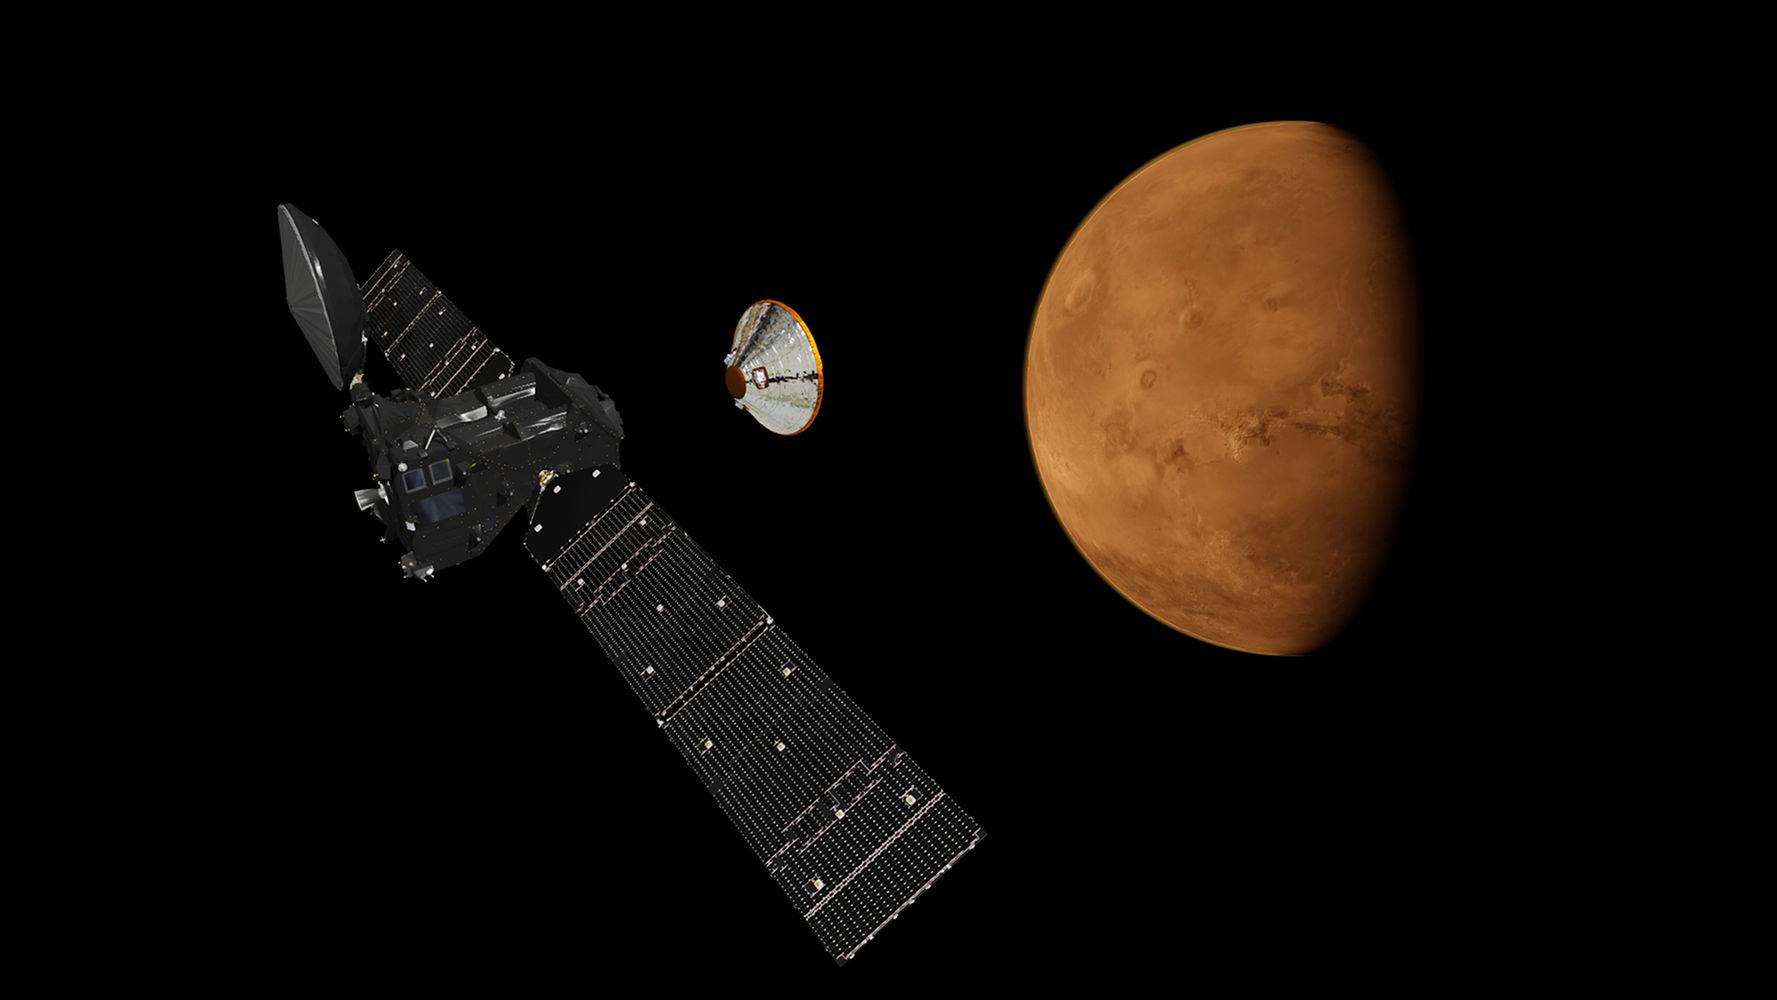 Astronom temukan es di Mars, bukti keberadaan air?